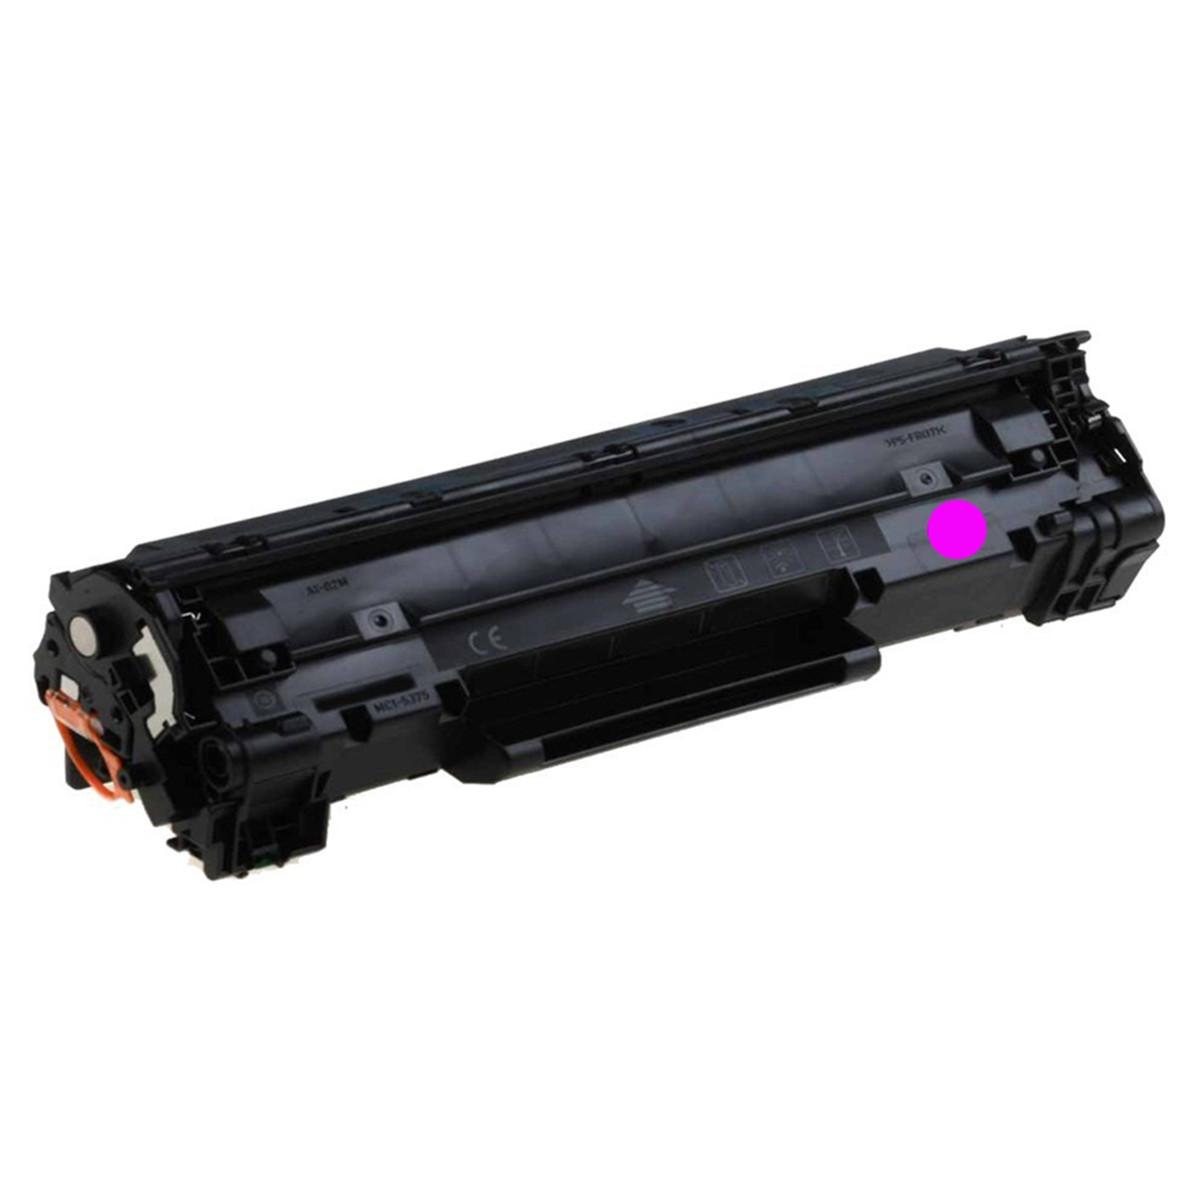 Toner Compatível com HP CF403A CF403AB 201A Magenta | M252DW M277DW M252 M277 | Premium Quality 1.4k